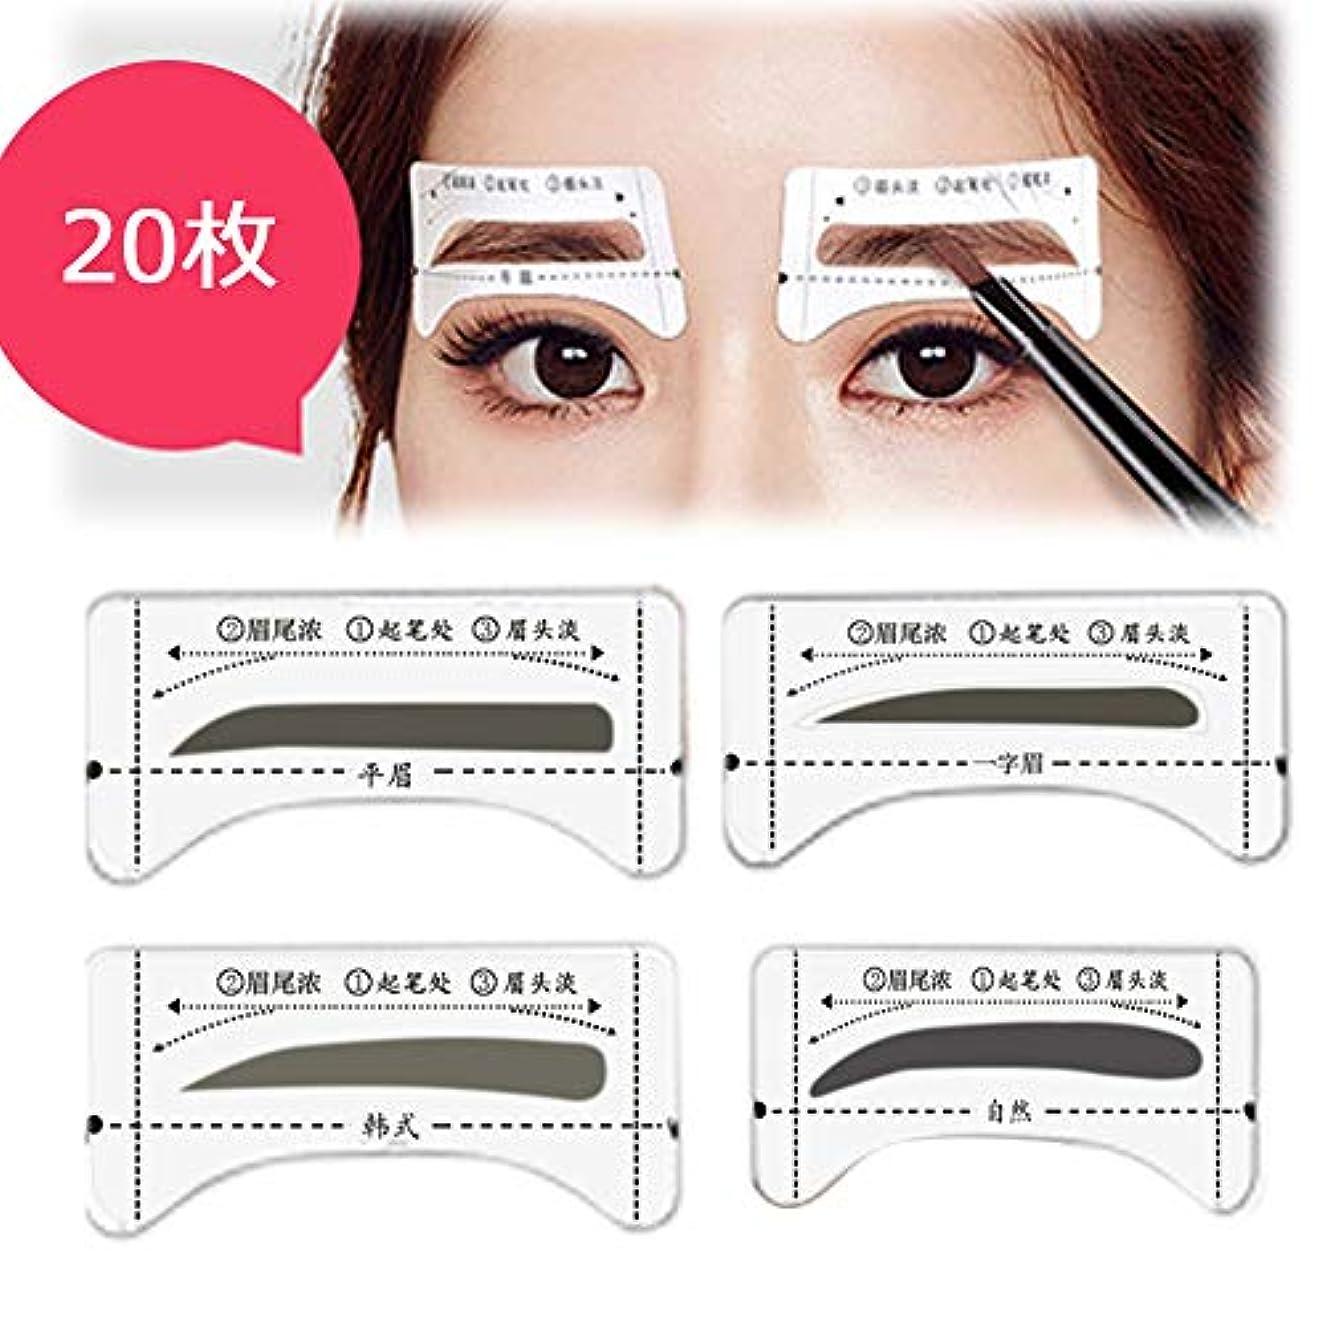 リダクター氷彫刻眉テンプレート 眉毛 4種20枚(韓国風、一言眉、自然、平らな眉毛)片手使用する